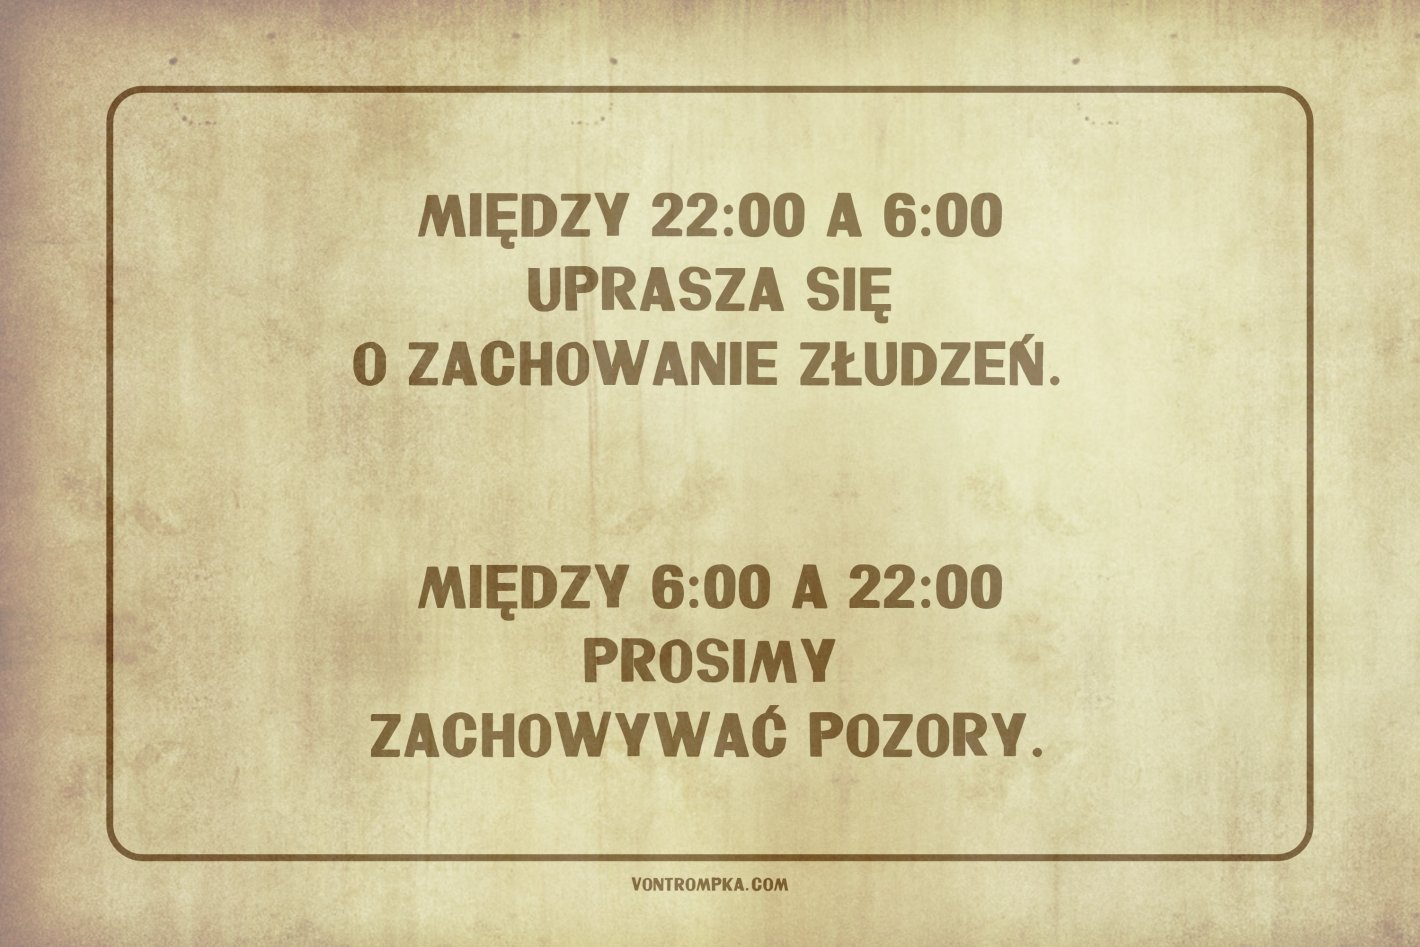 między 22:00 a 6:00 uprasza się o zachowanie złudzeń.   Między 6:00 a 22:00 prosimy zachowywać pozory.